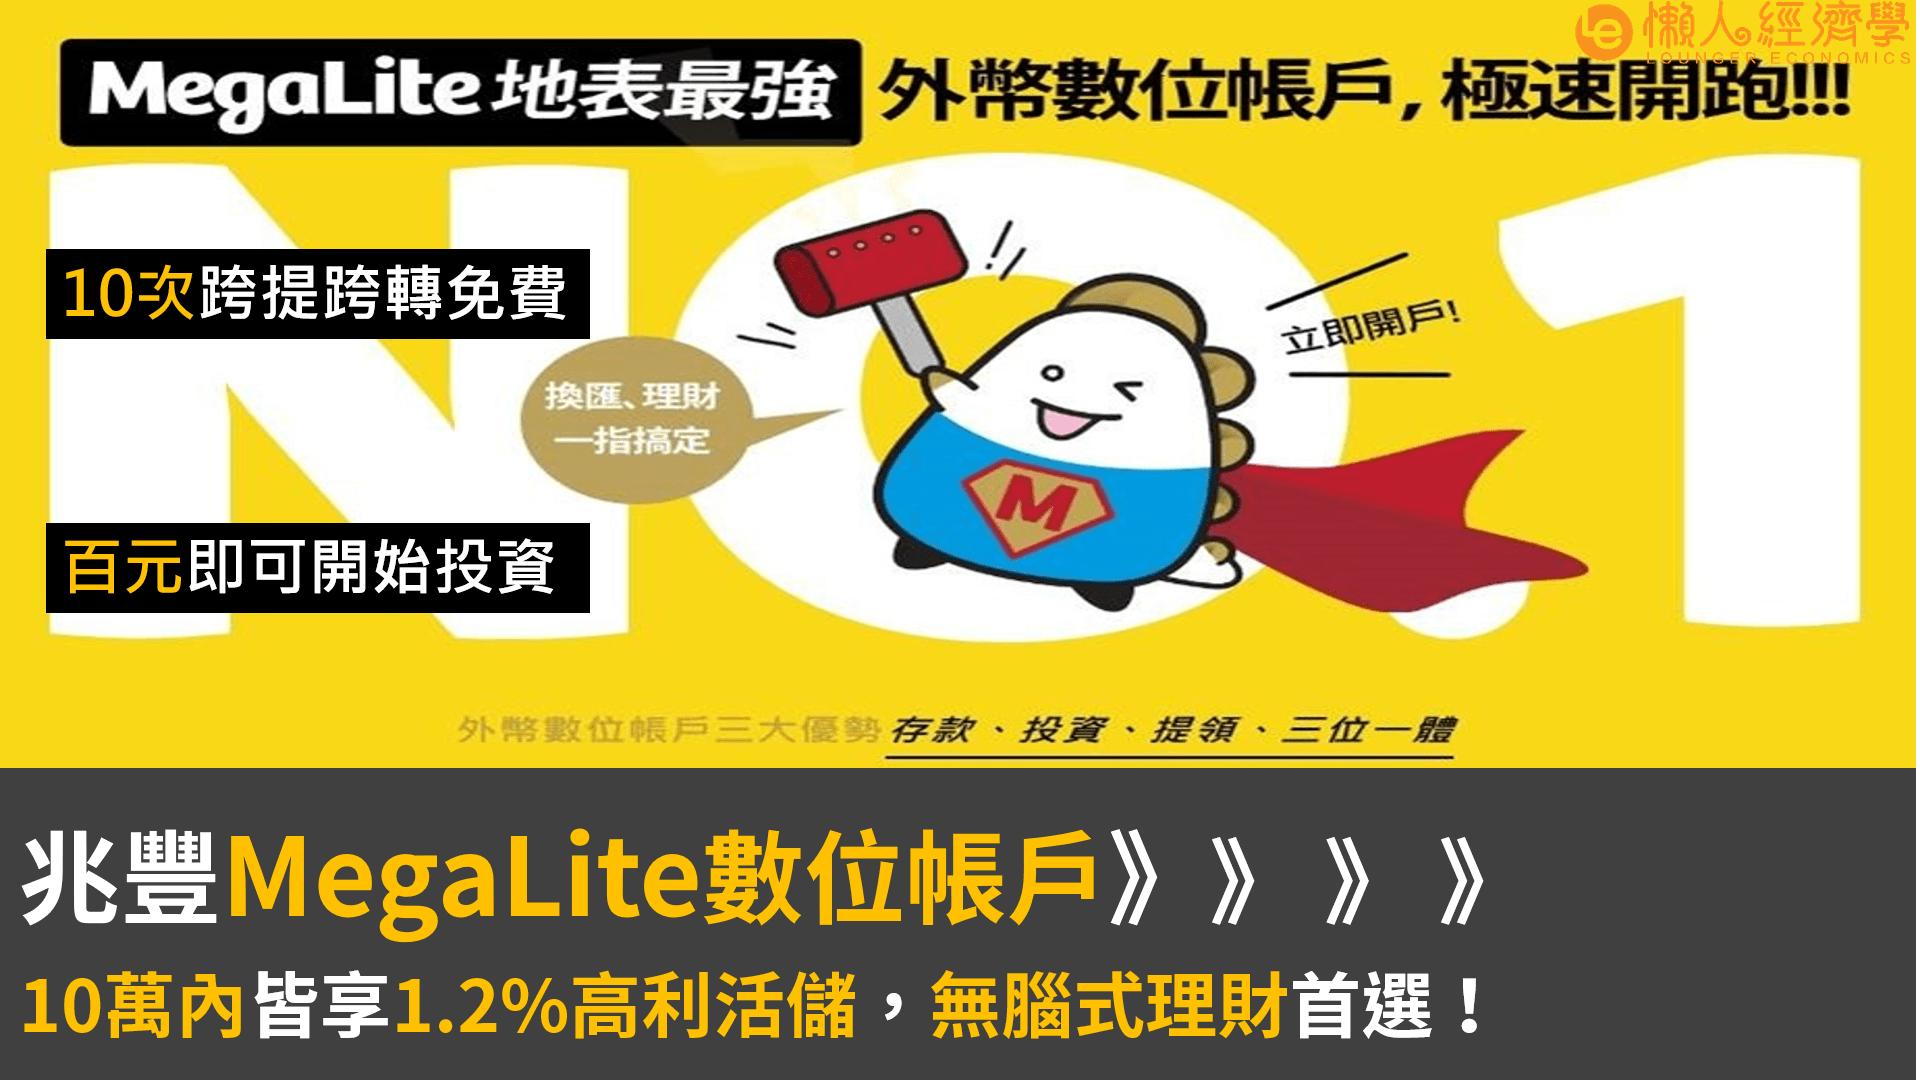 MegaLite 兆豐MegaLite MegaLite數位帳戶 兆豐銀行MegaLite數位存款帳戶 兆豐銀行MegaLite